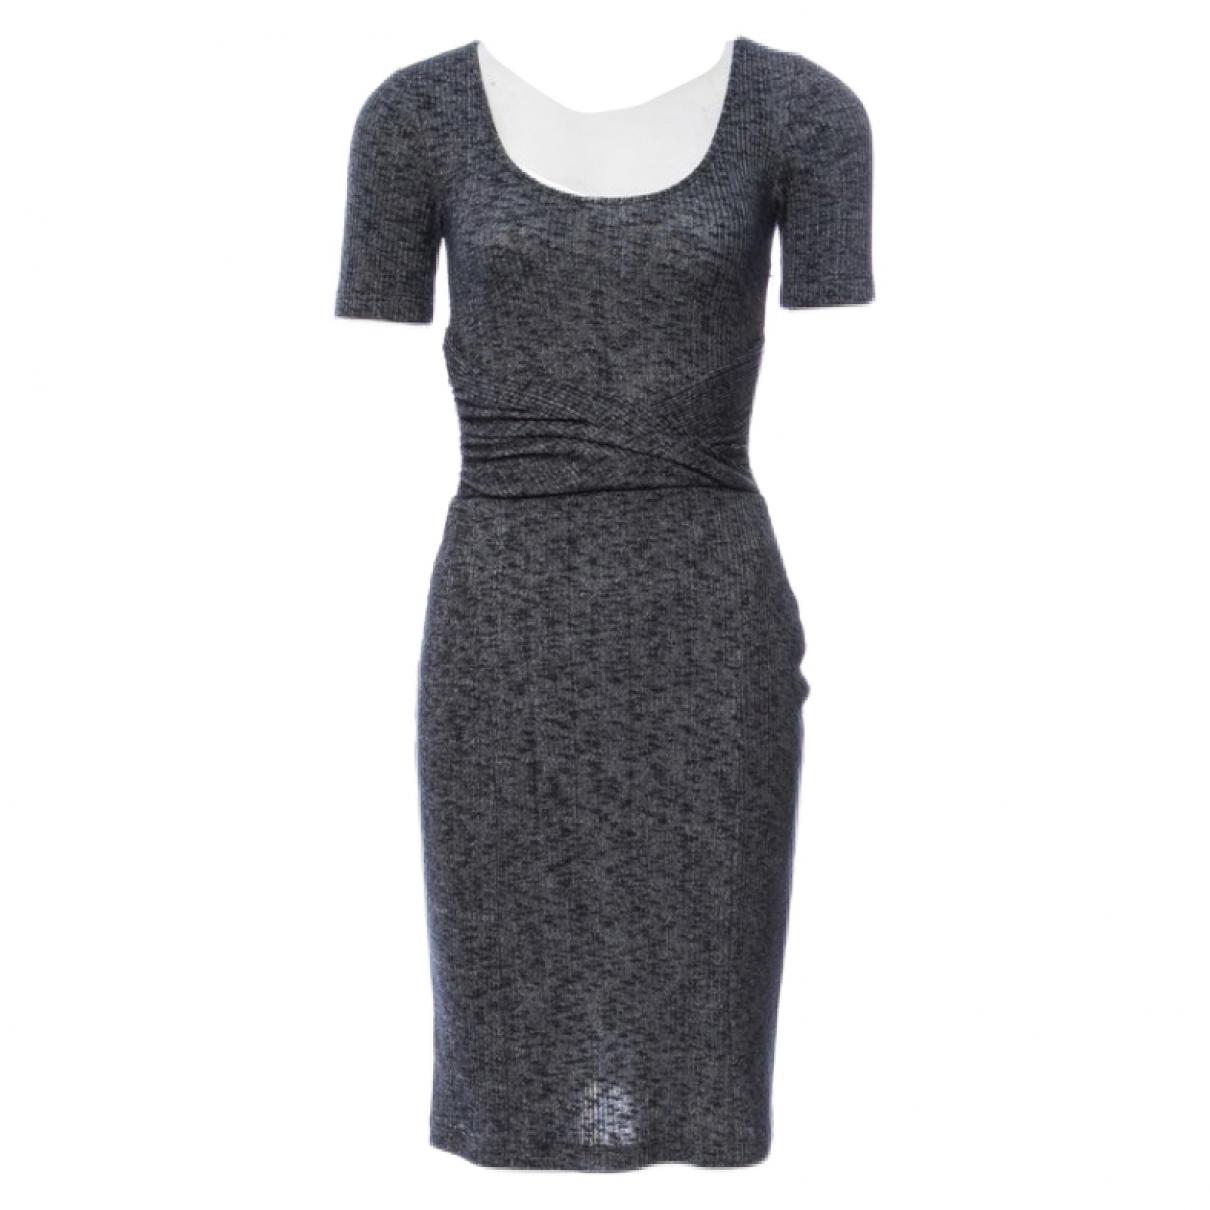 Vena Cava \N Kleid in  Grau Baumwolle - Elasthan